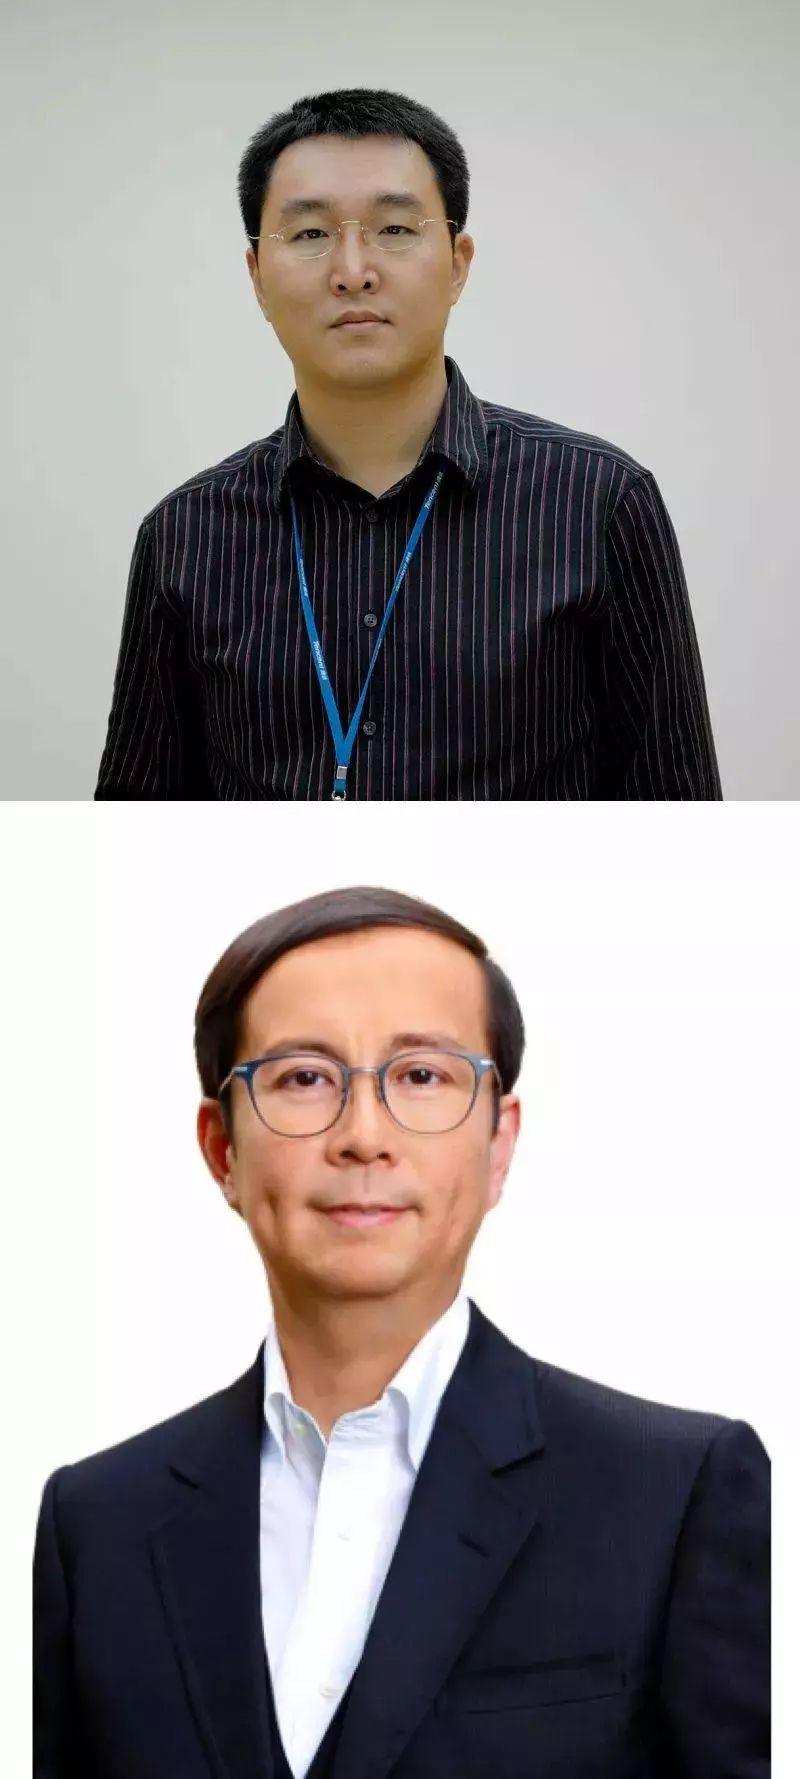 """騰訊""""16+""""試點運行 ,馬曉軼公開信:人保護是應有擔當"""